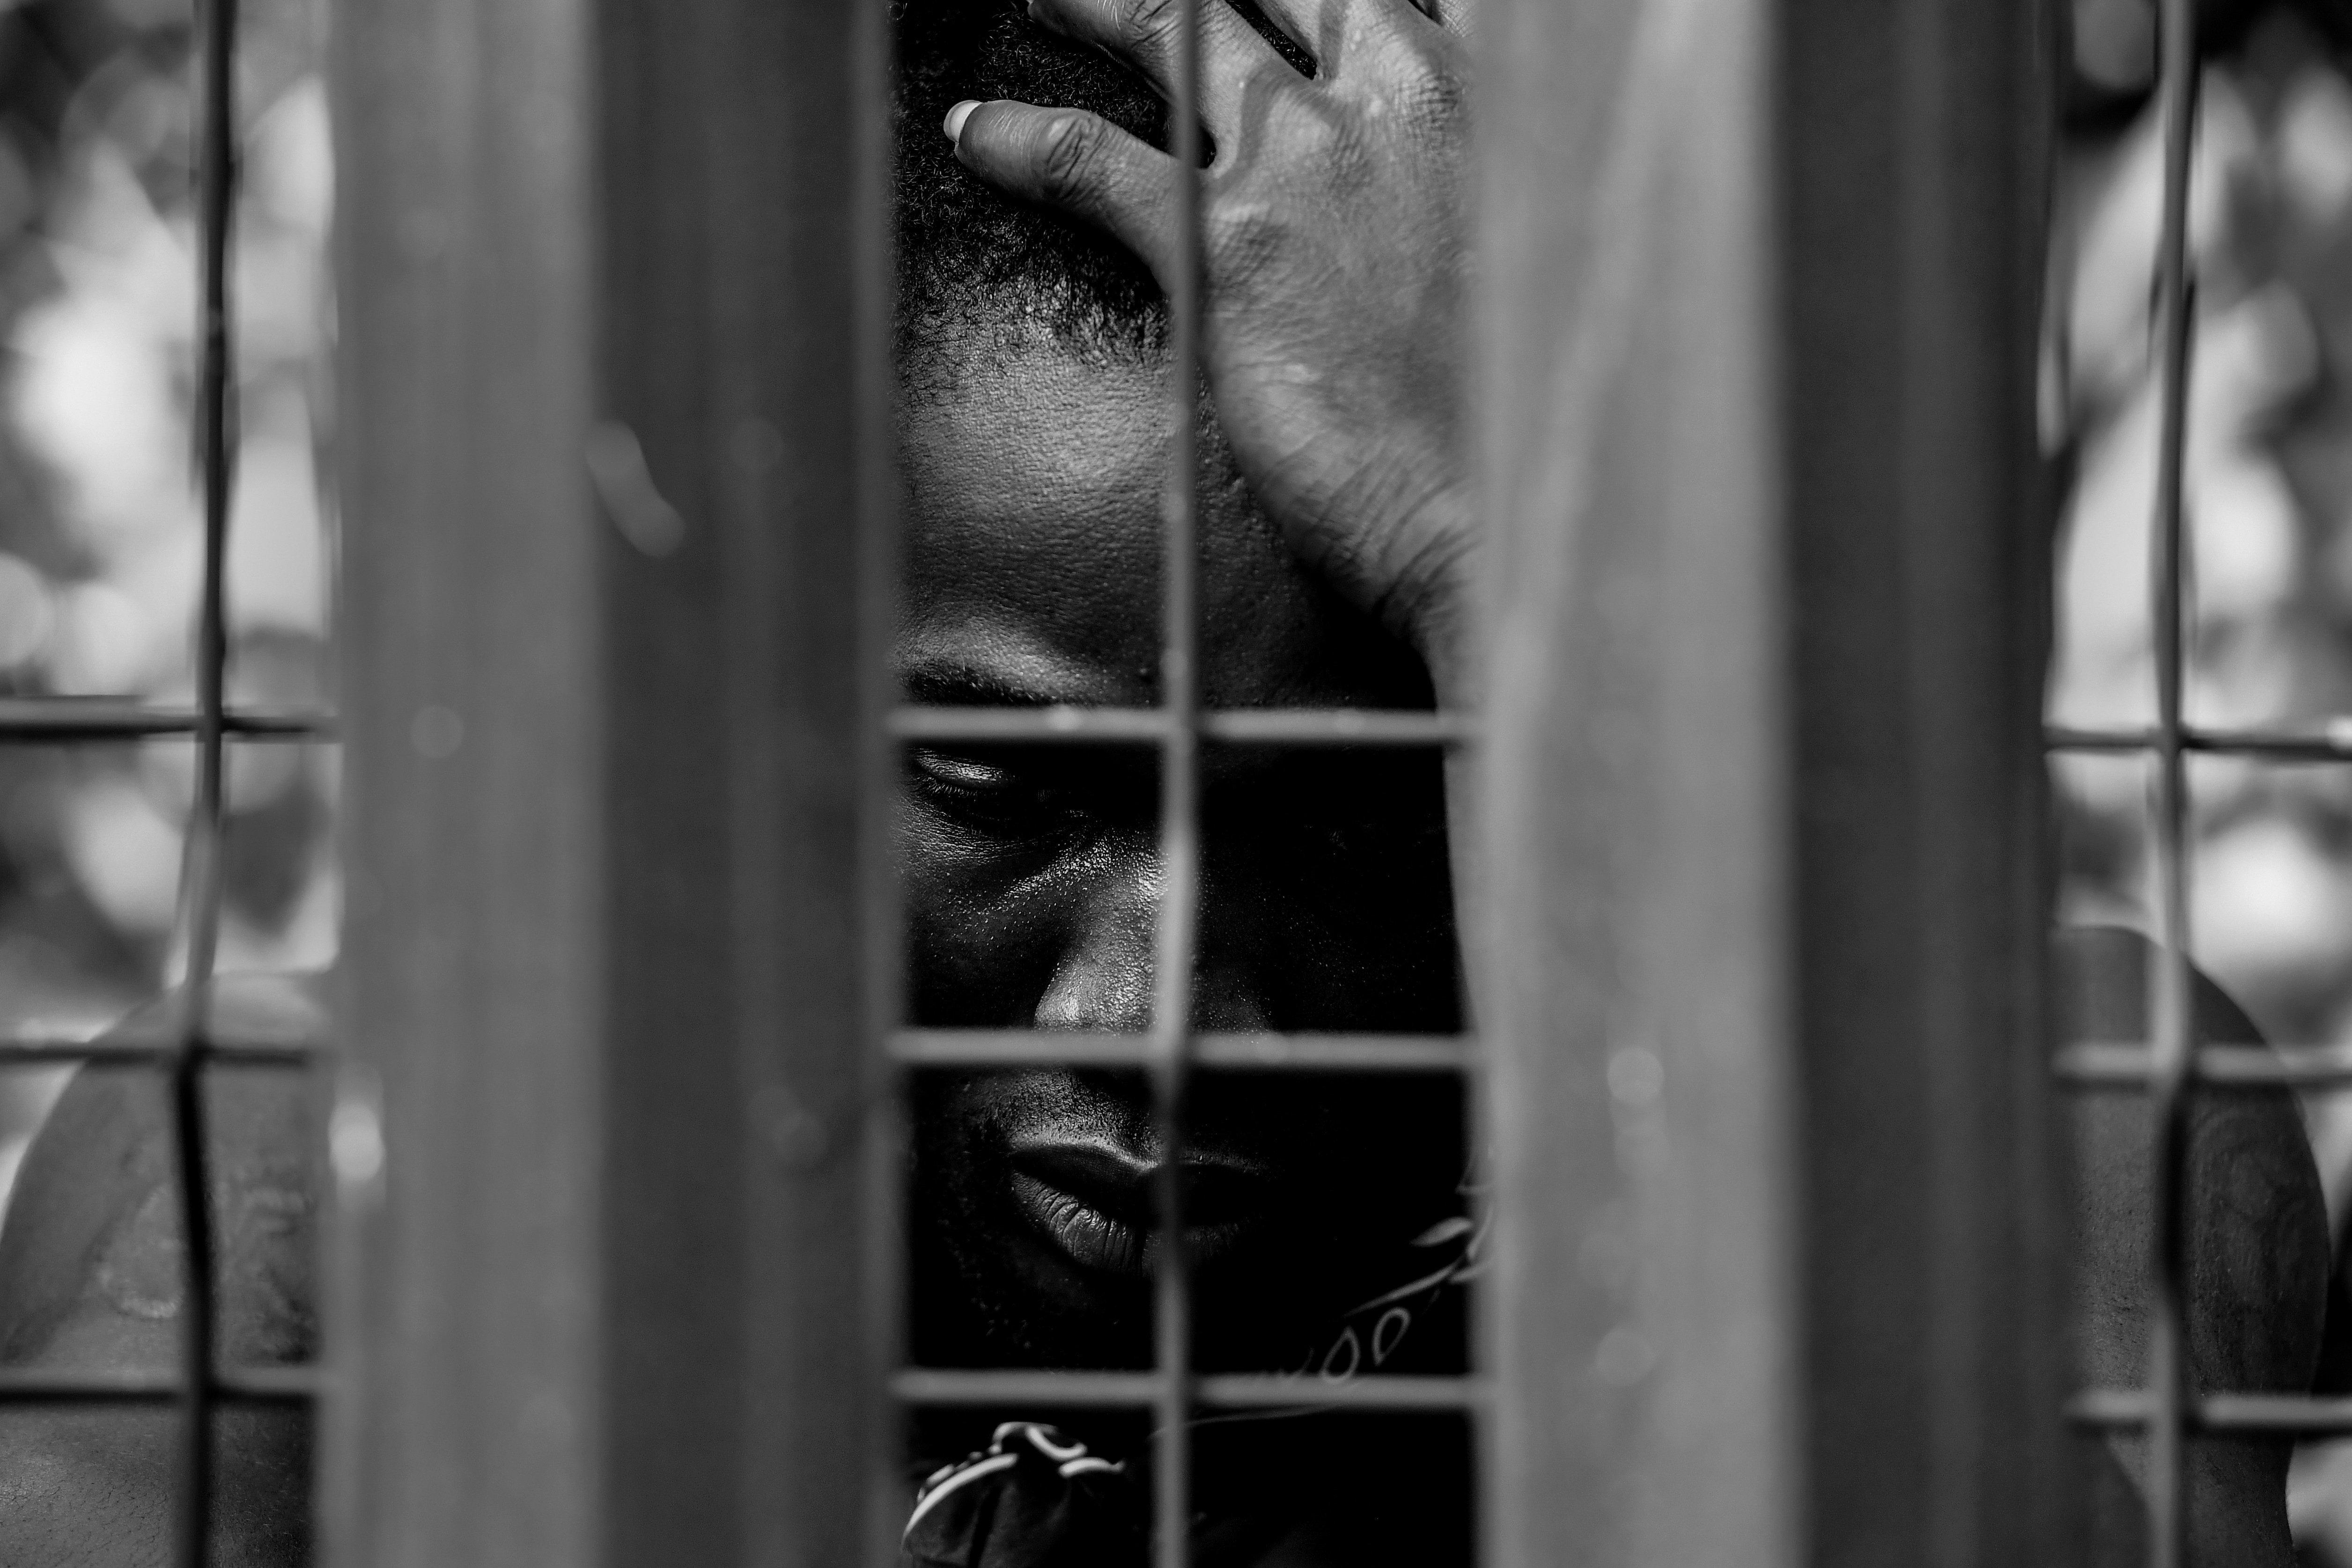 Le GADEM dénonce des mises en scène cherchant à accuser les migrants de violence